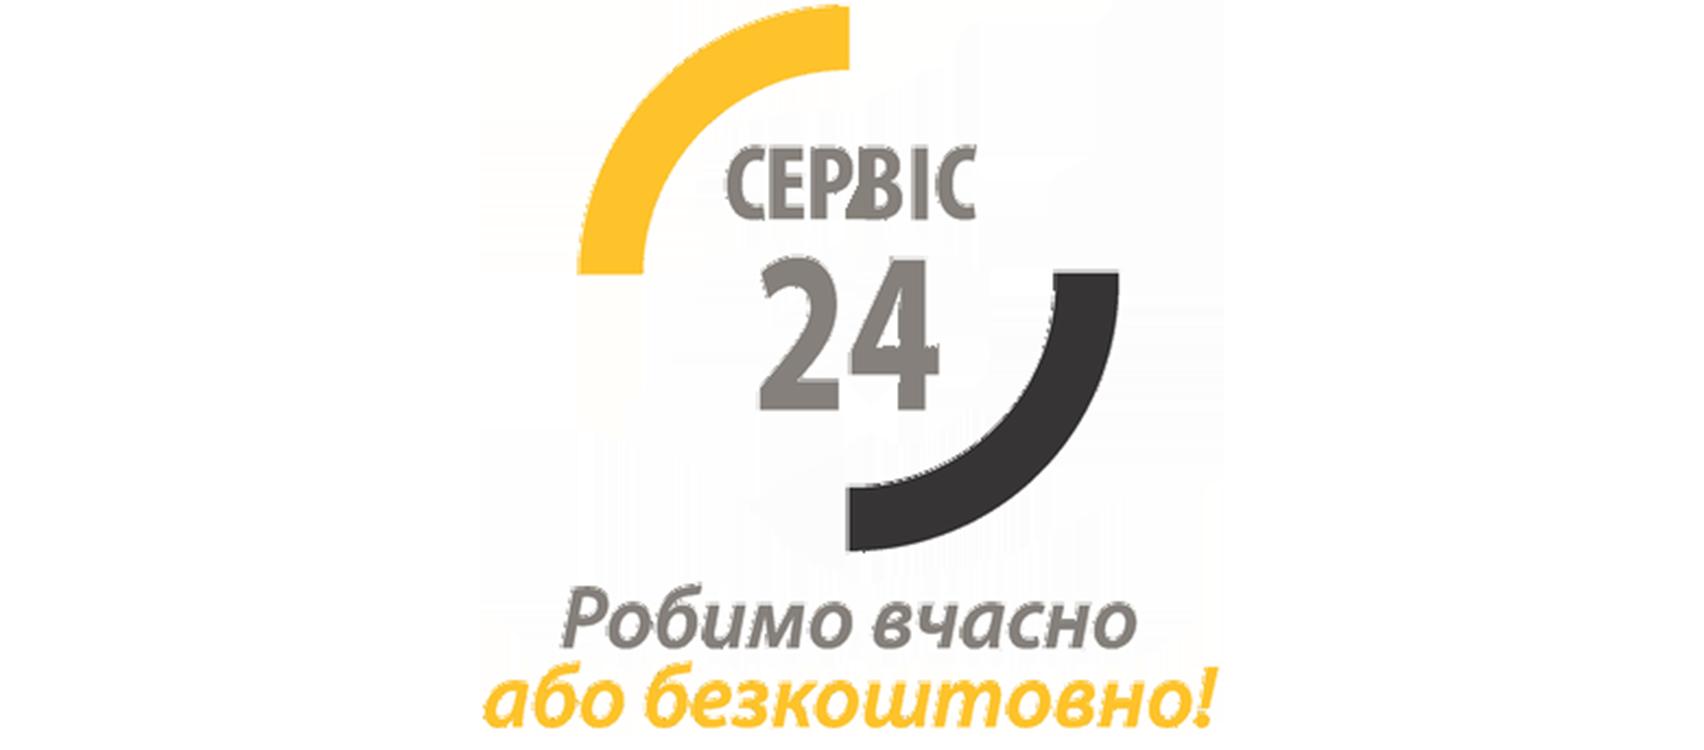 СЕРВІС 24  (Київ)